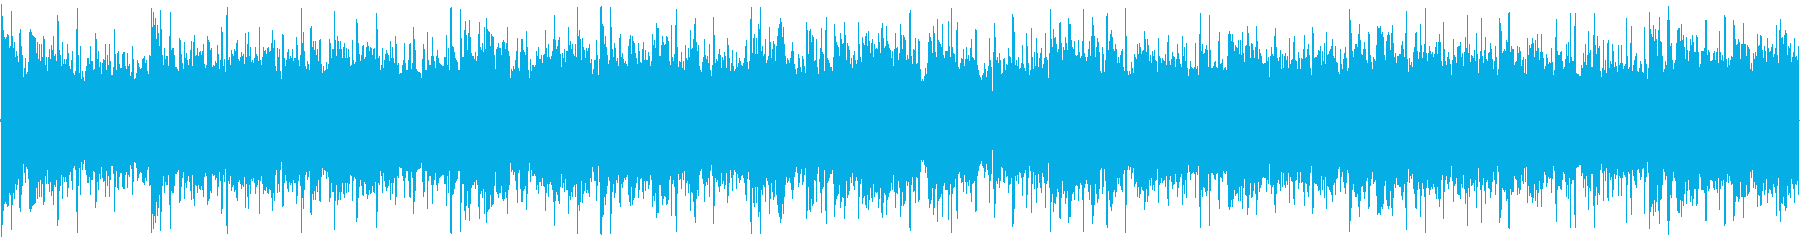 Smart Loopの再生済みの波形